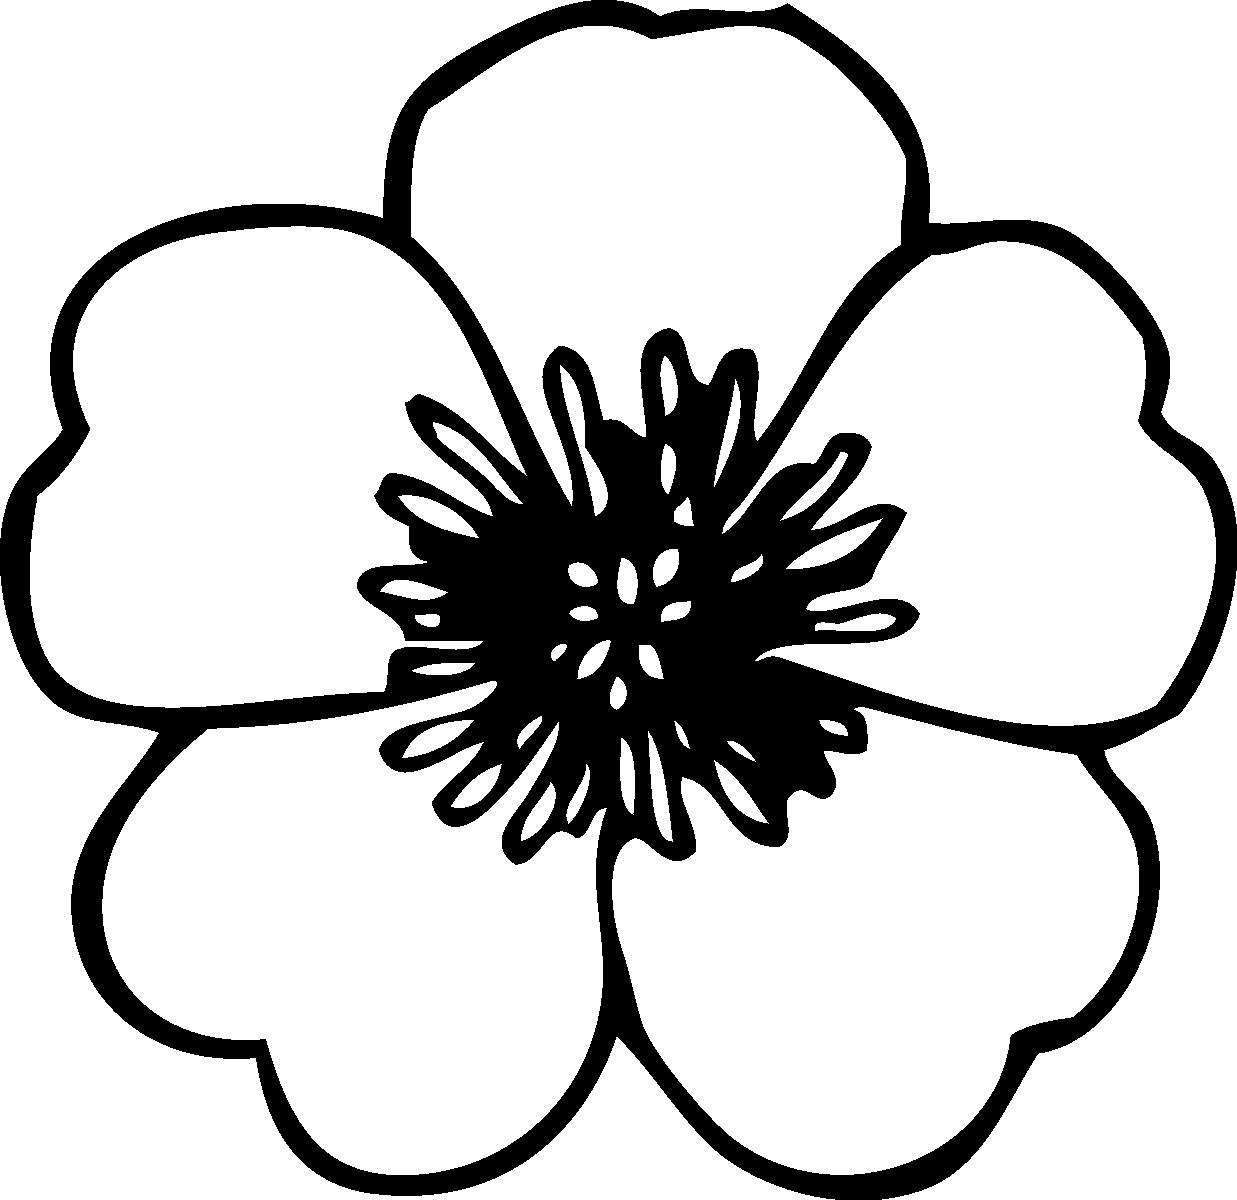 Tranh tô màu bông hoa đẹp